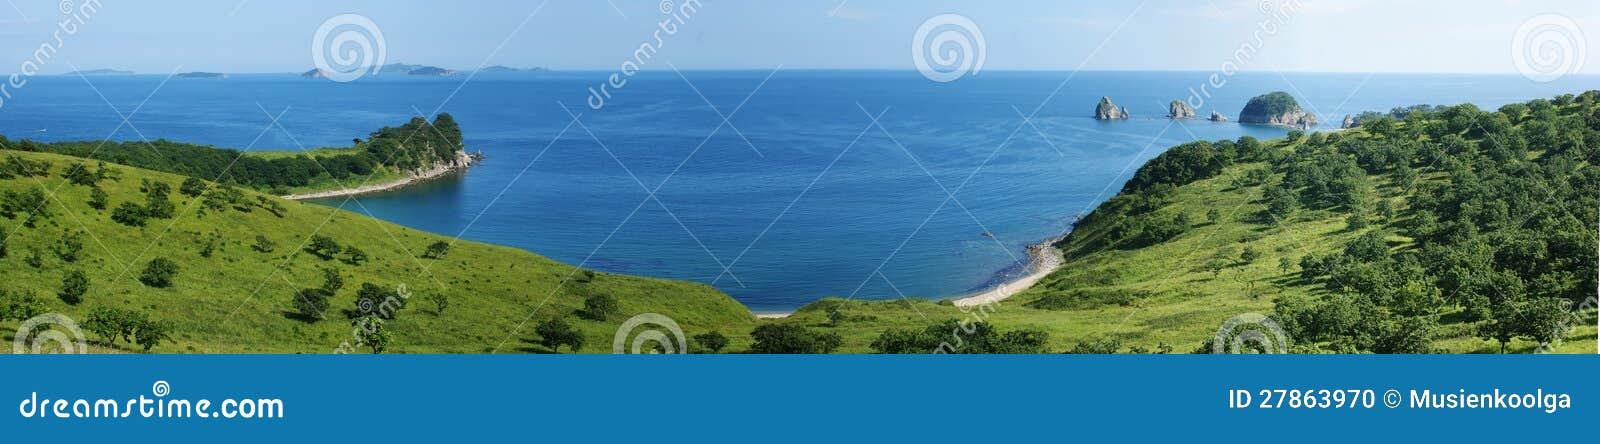 Morze krajobraz.